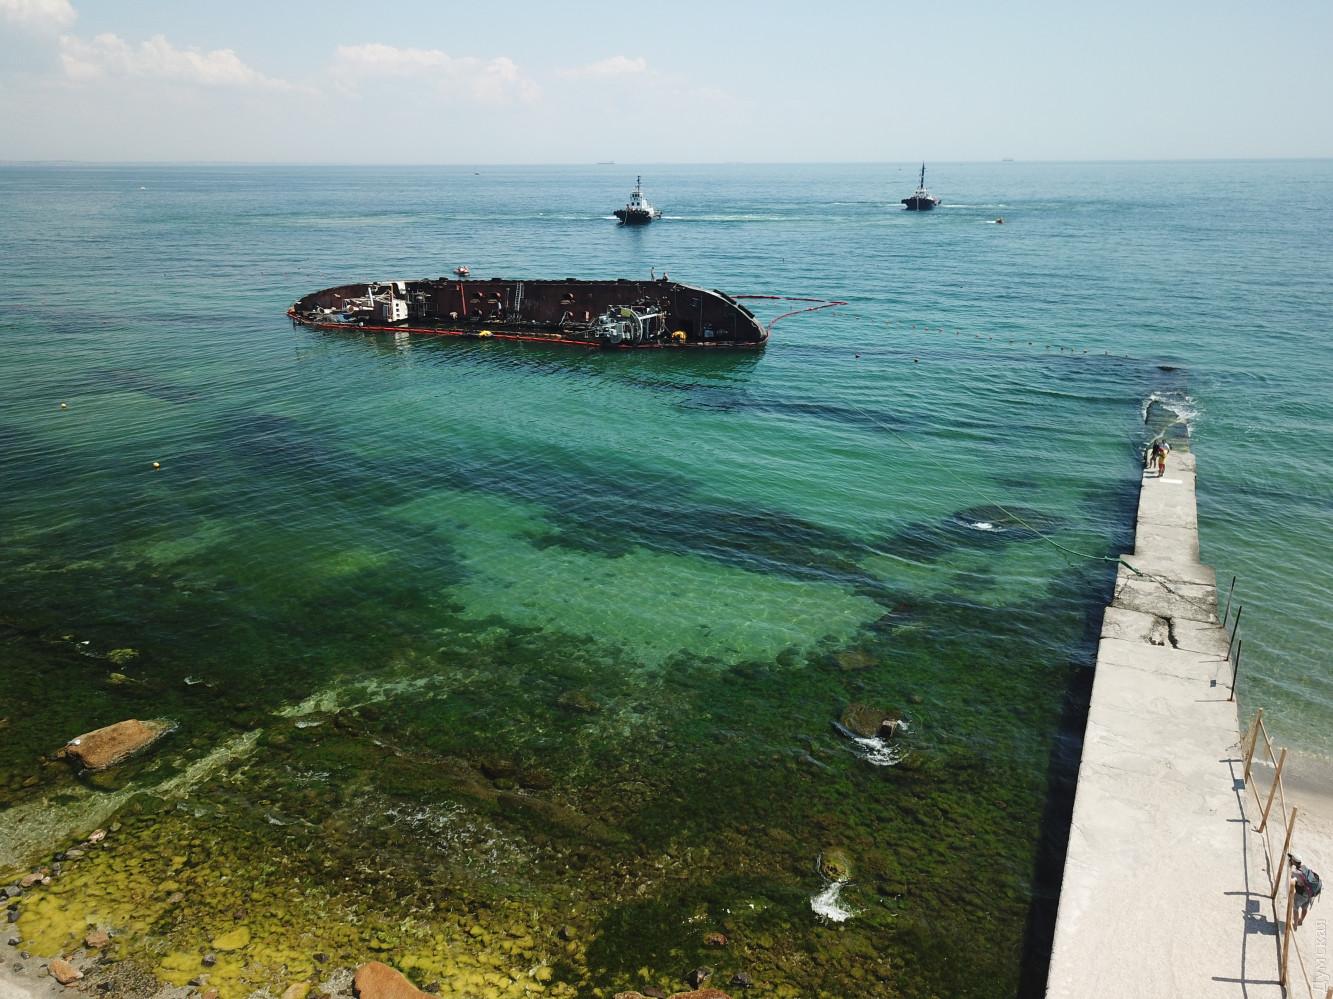 В Одессе занялись заброшенным Delfi: появились фото, как поднимают танкер - фото 4